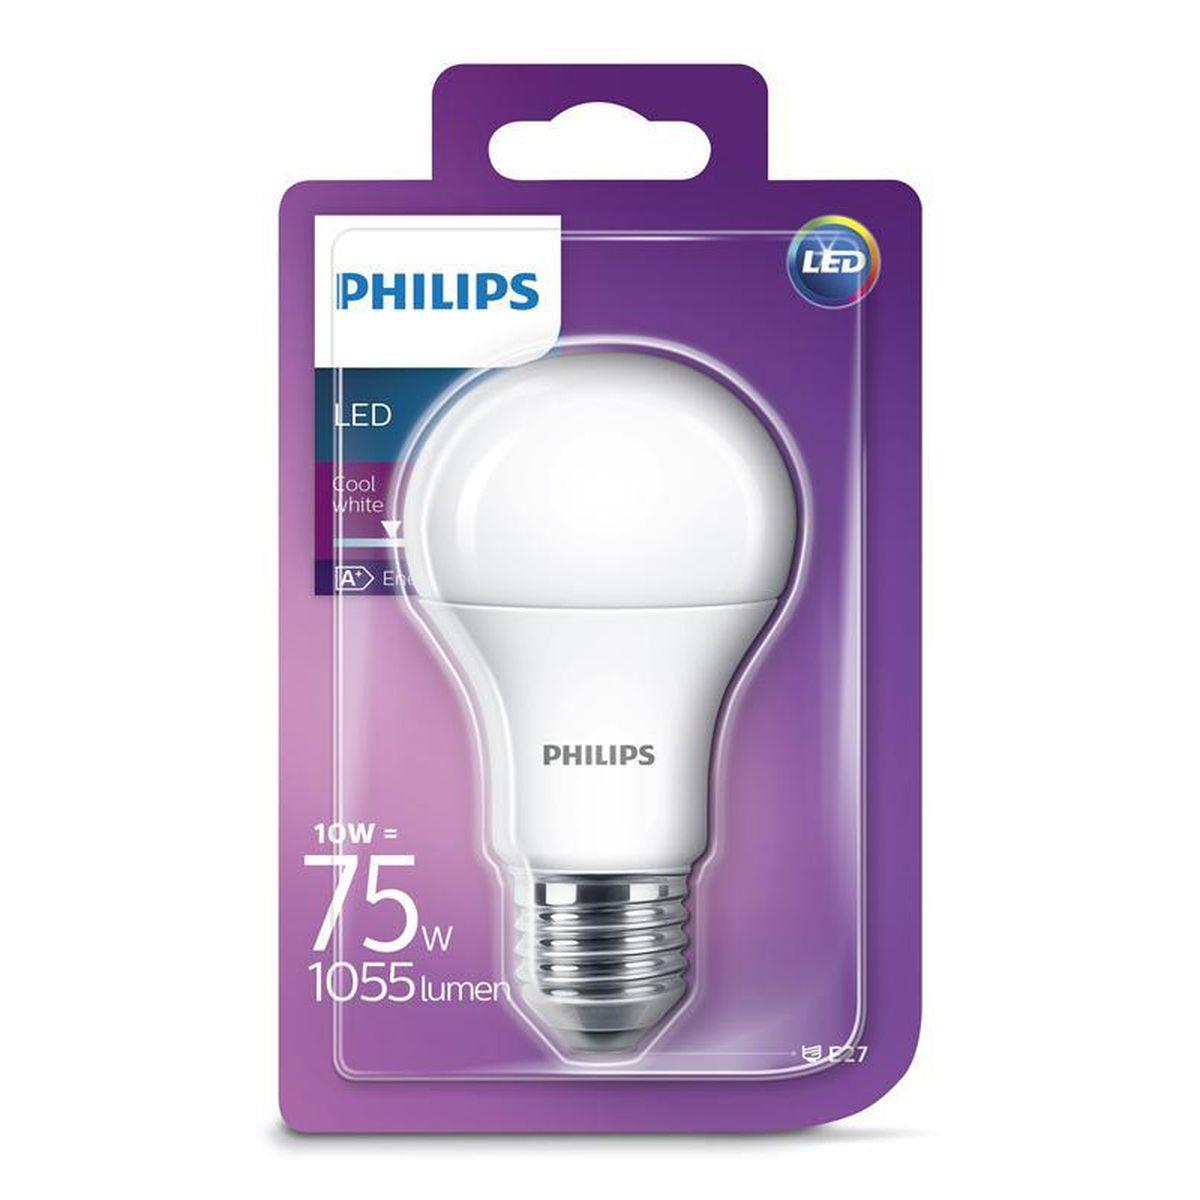 W E2711 Ampoule Led Dépolie Standard Philips wZOkXliTPu